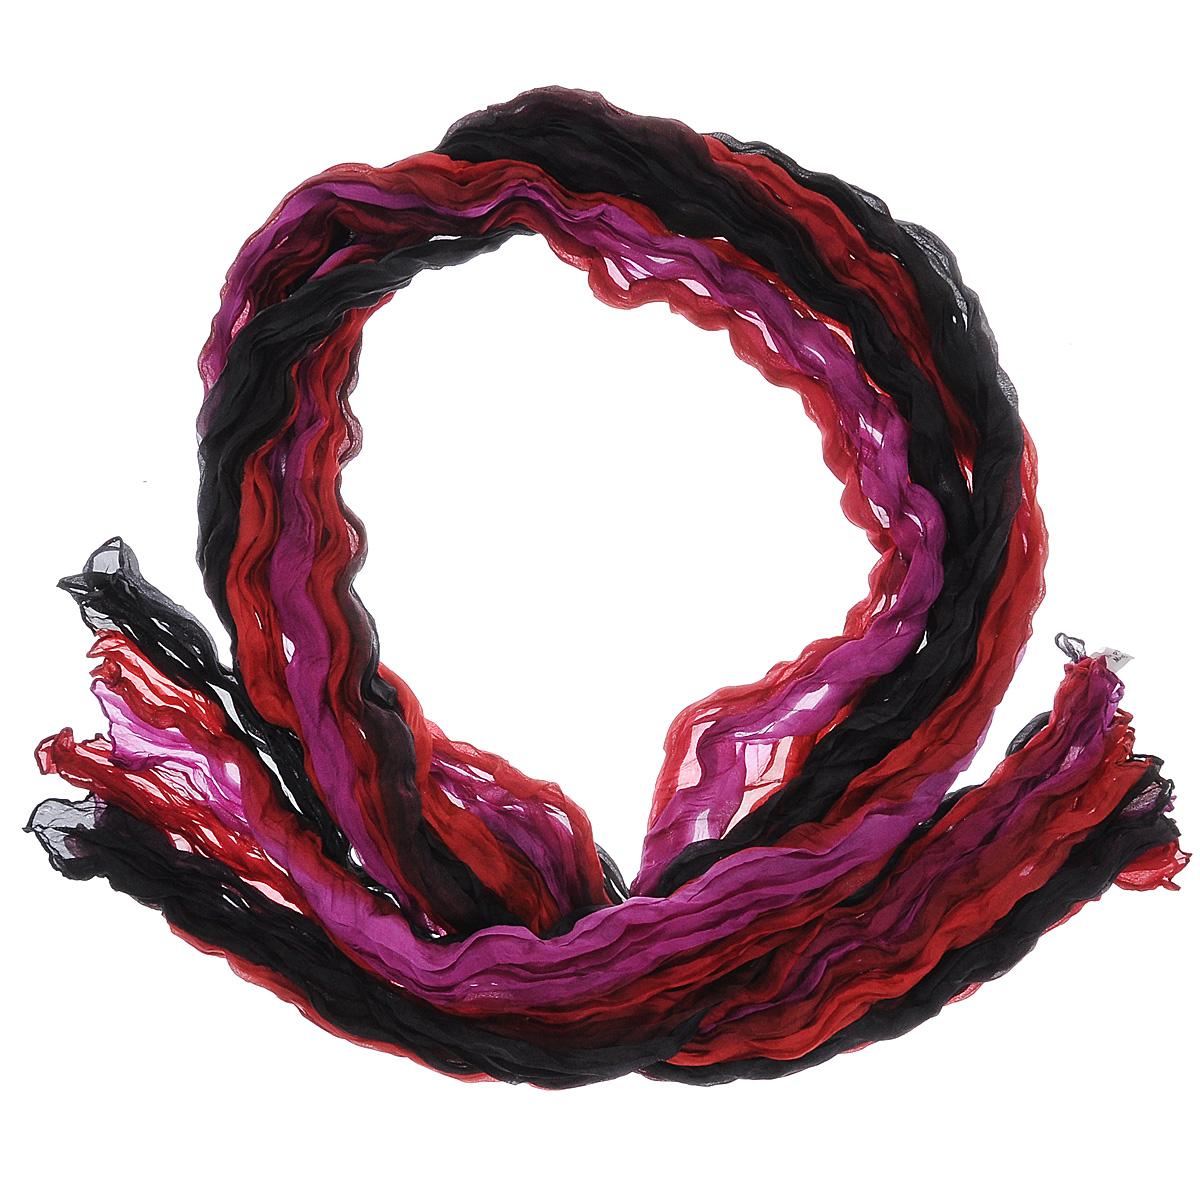 415260нЭлегантный шарф Ethnica станет изысканным нарядным аксессуаром, который призван подчеркнуть индивидуальность и очарование женщины. Шарф жатой фактуры выполнен из 100% шелка и оформлен цветными полосками. Этот модный аксессуар женского гардероба гармонично дополнит образ современной женщины, следящей за своим имиджем и стремящейся всегда оставаться стильной и элегантной. В этом шарфе вы всегда будете выглядеть женственной и привлекательной.